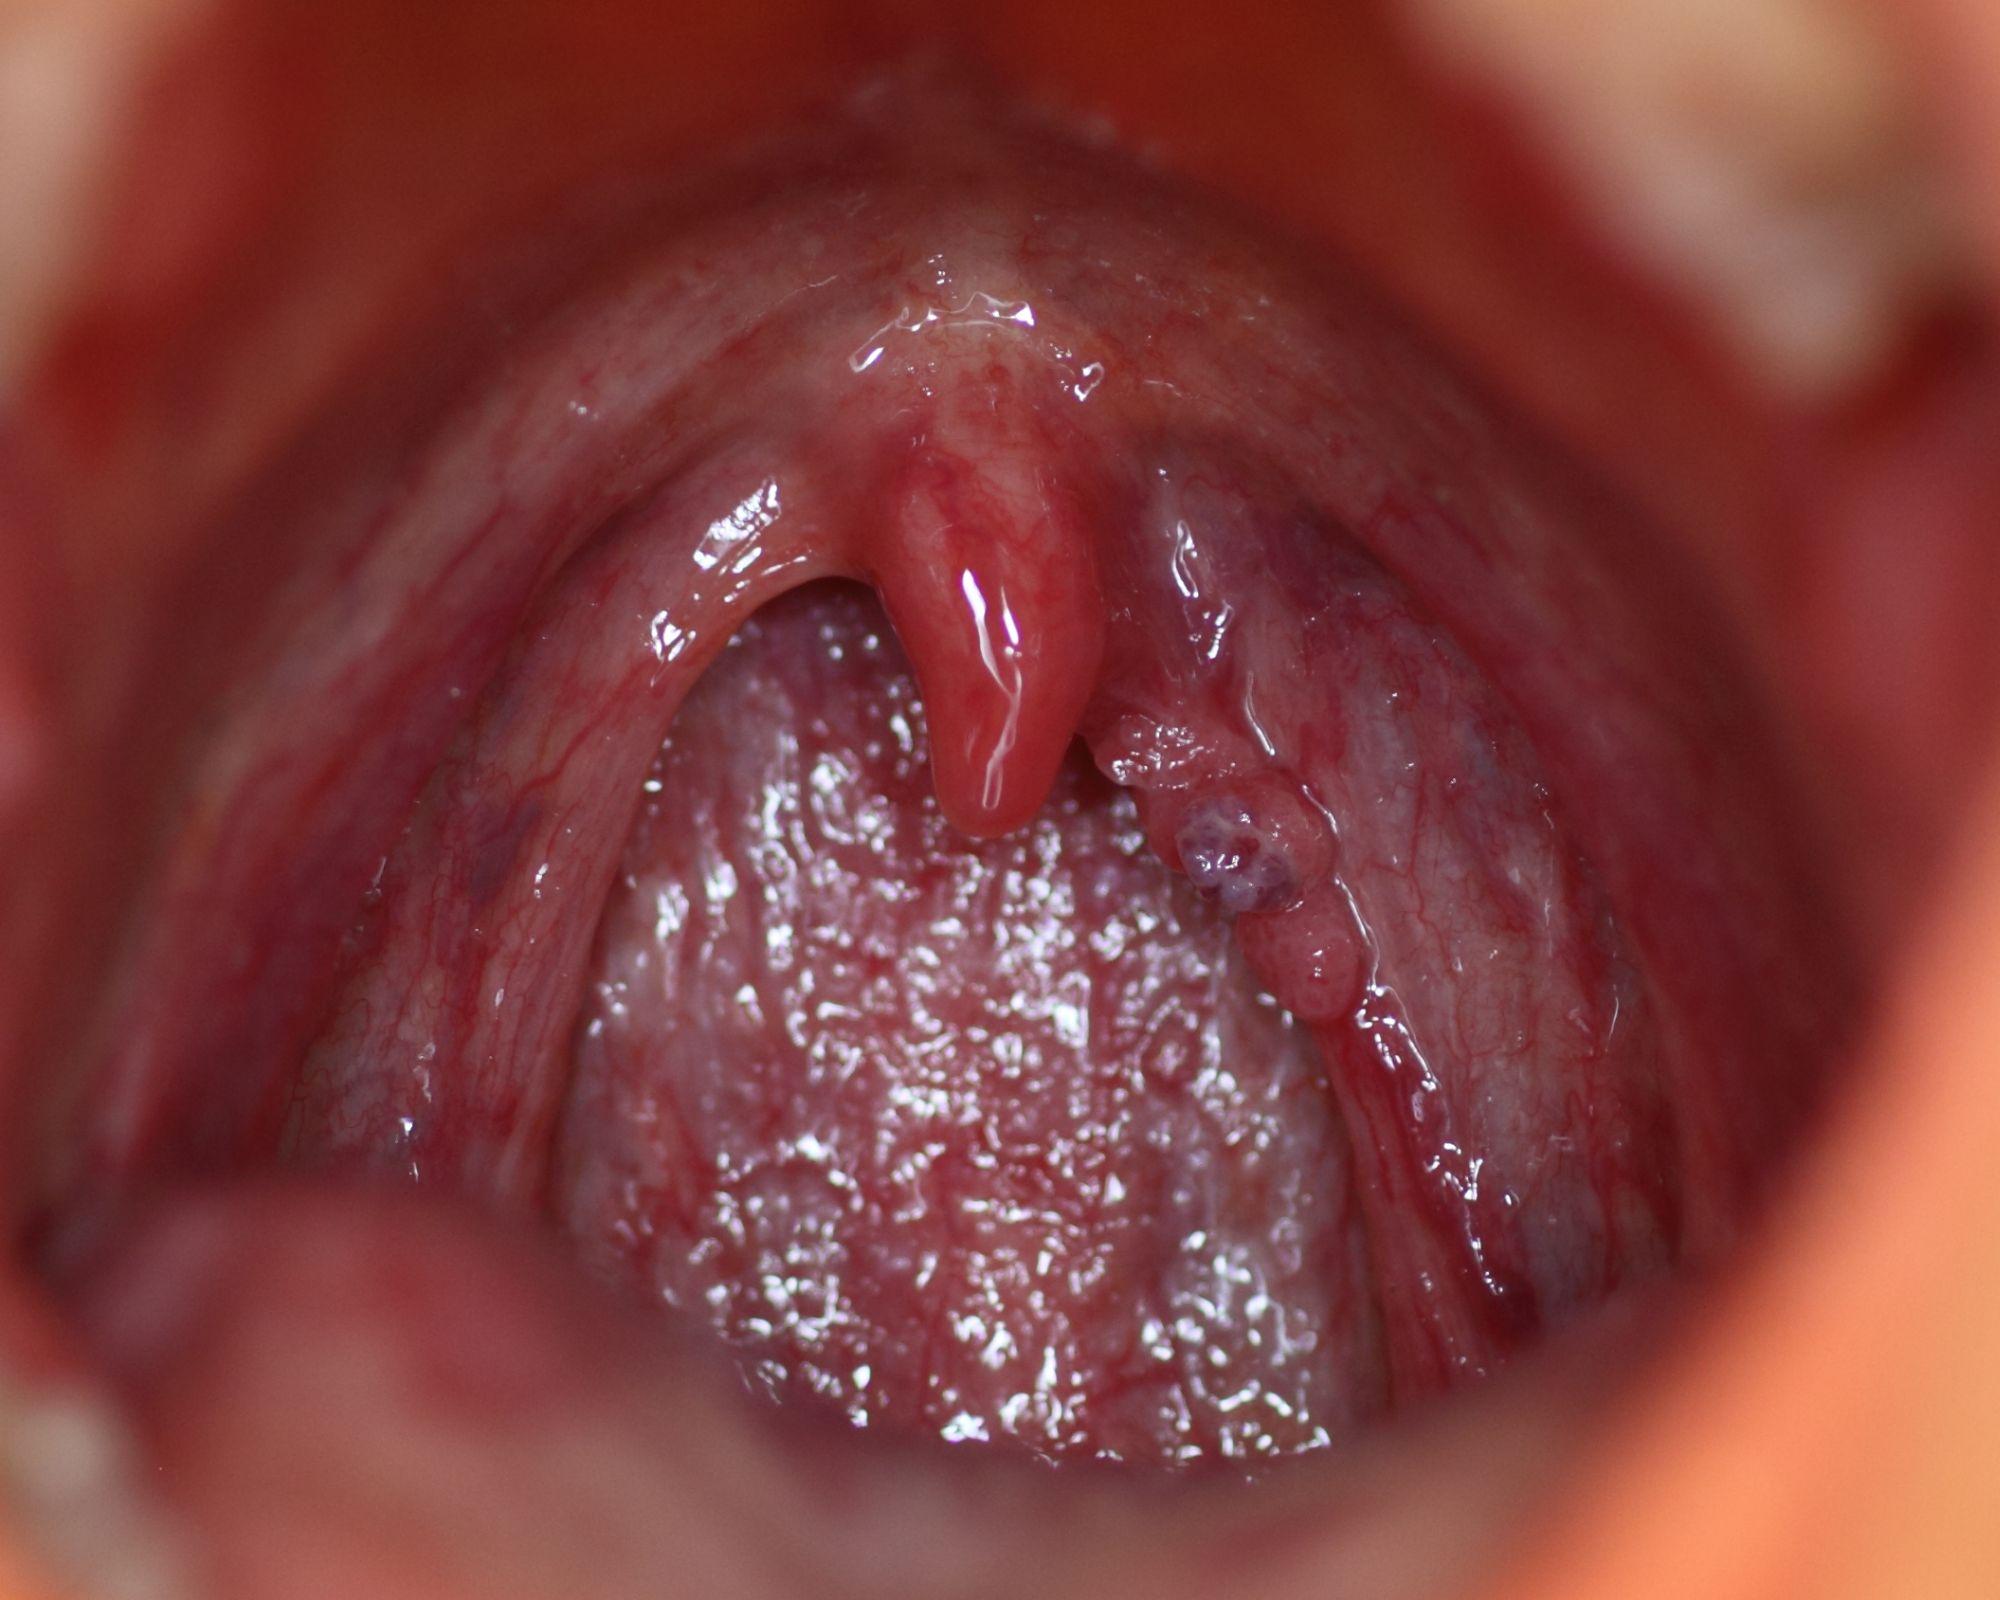 tonsillar papilloma